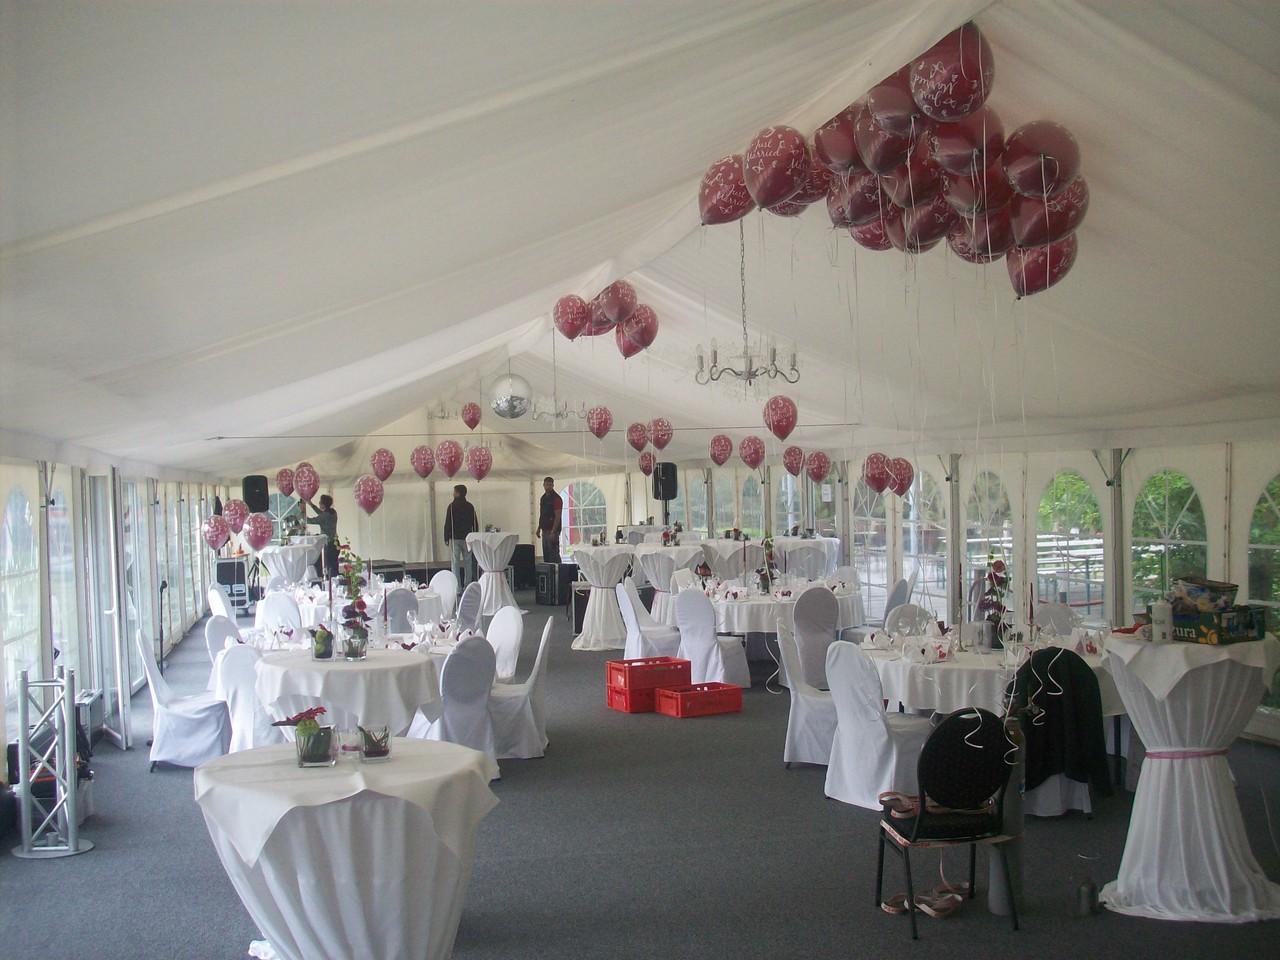 Einige in der Werkstatt vorbereitete Ballons (doppelwandig, Hi-Float) sind bereits befüllt (95% Helium 4.6, 5% Atemluft) und im Raum dekoriert.